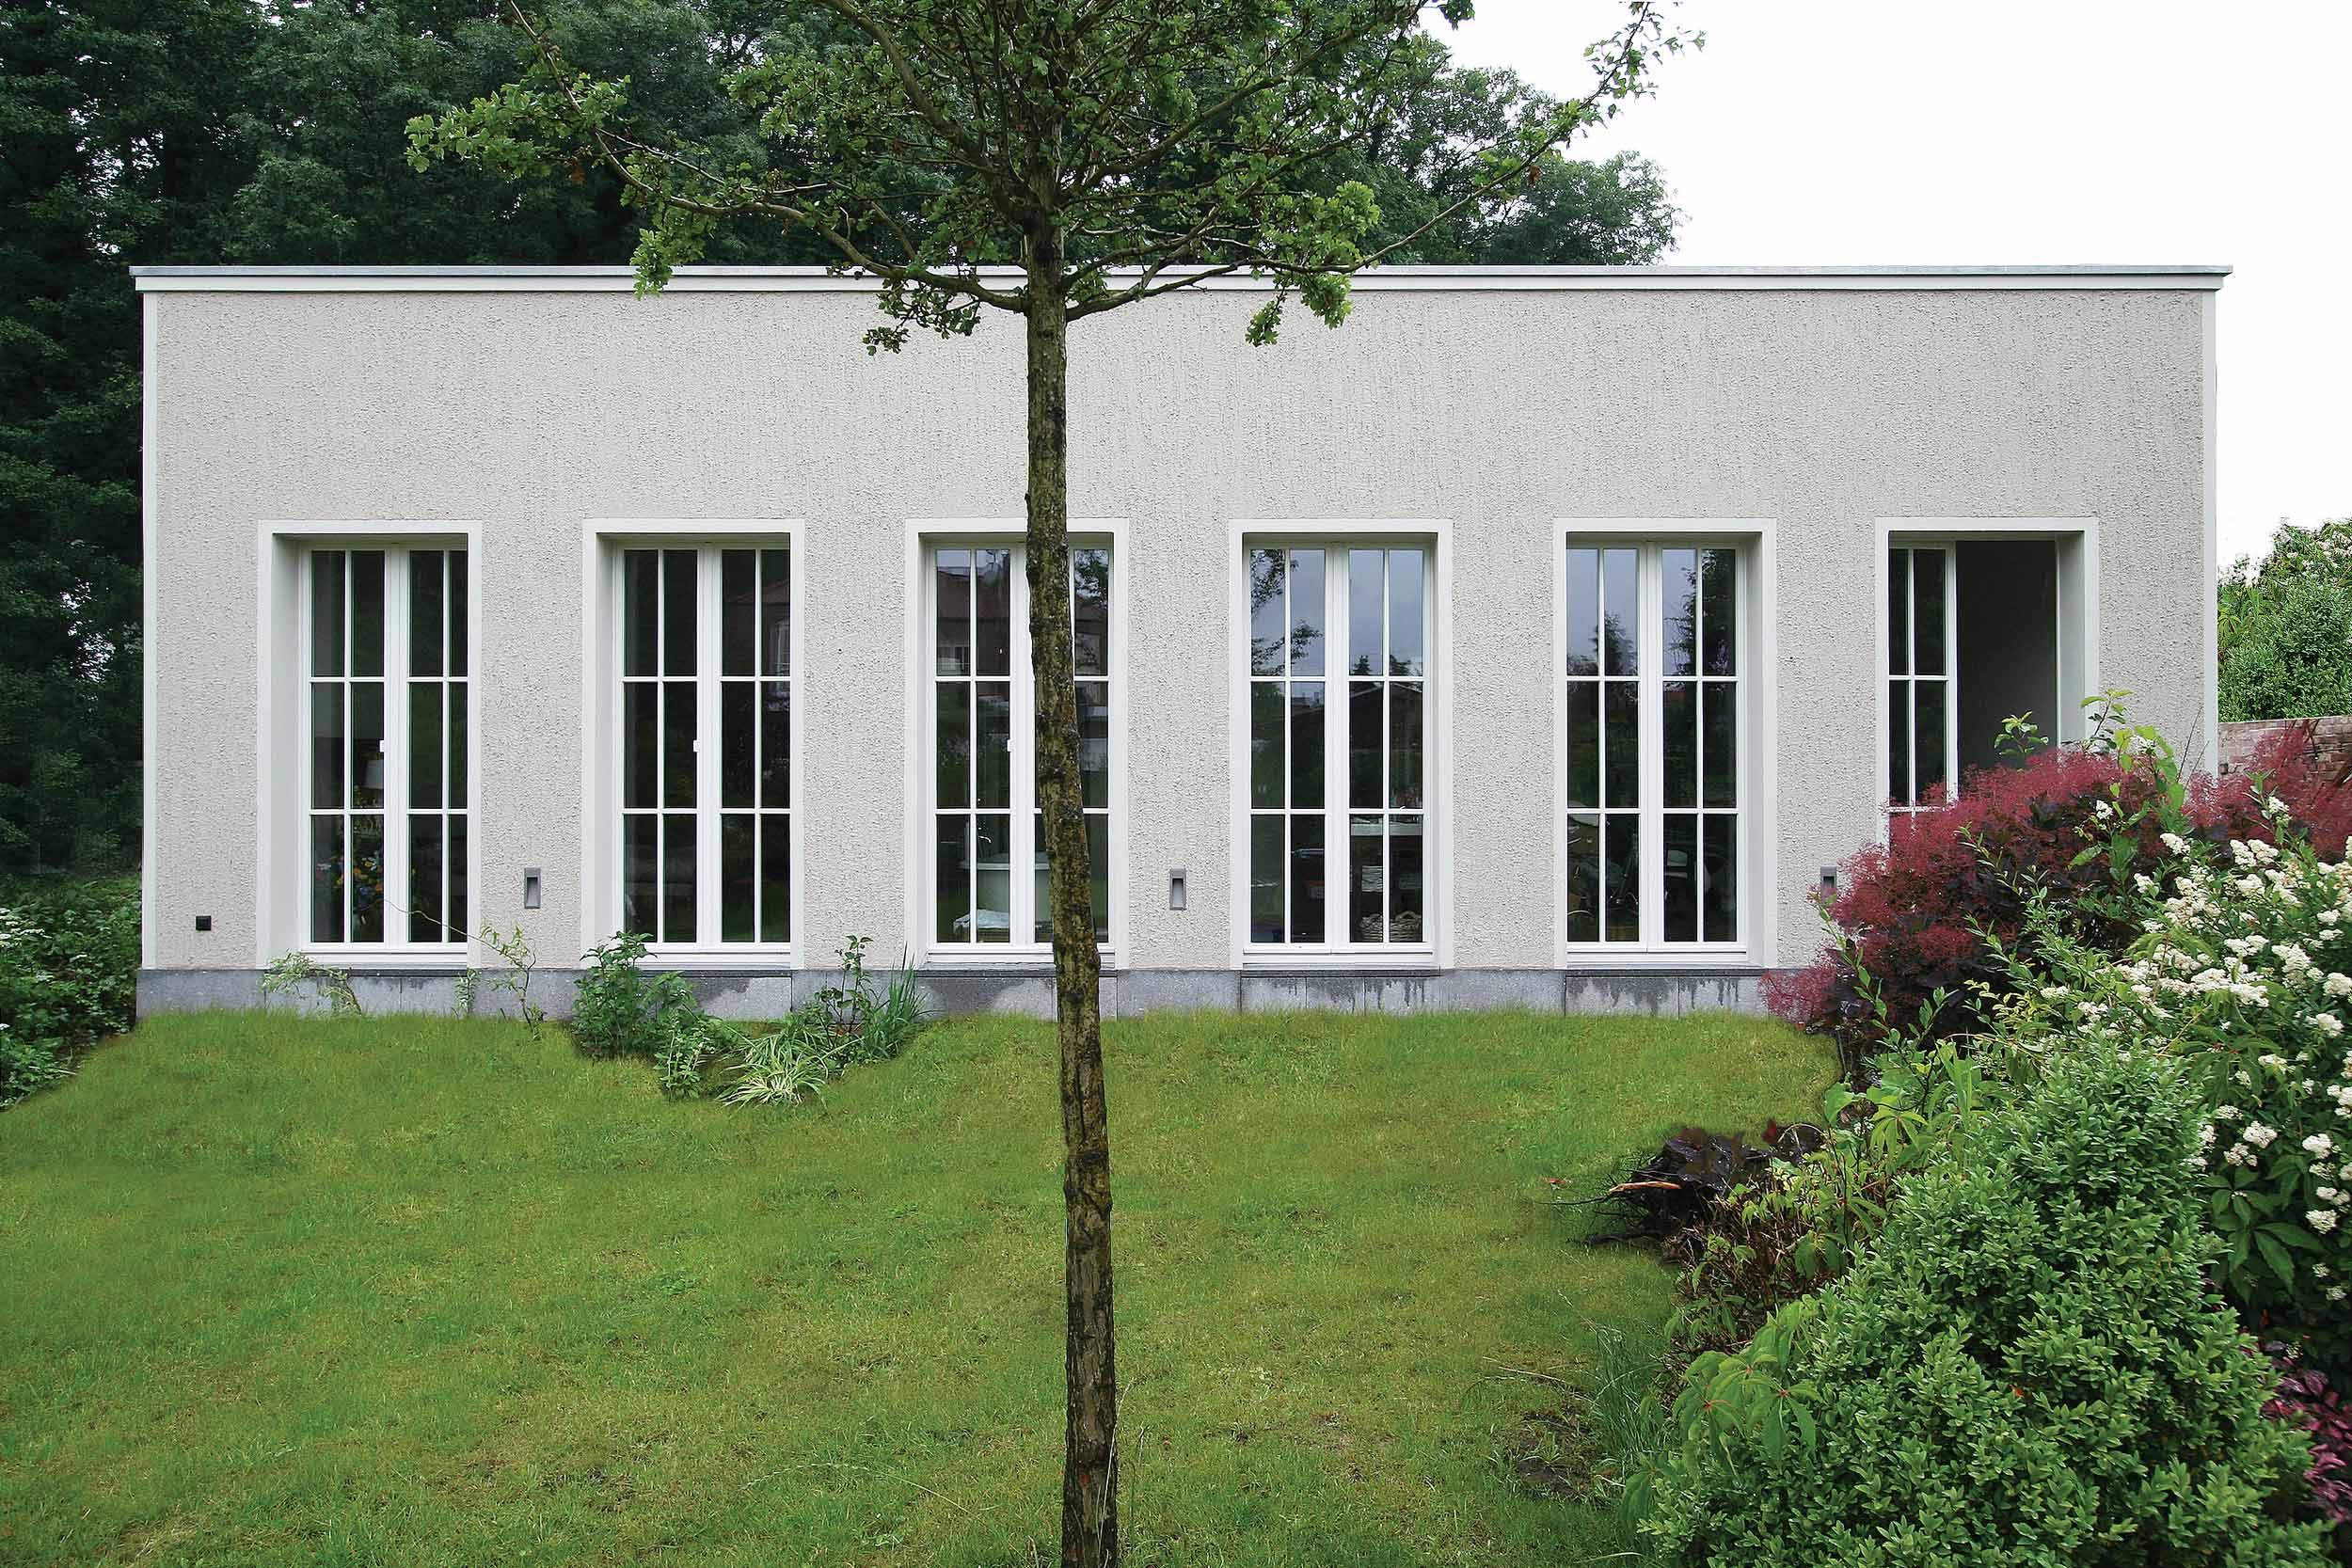 Die Gartenfassade mit klarer Fassadengliederung und bodentiefen französischen Fenstern